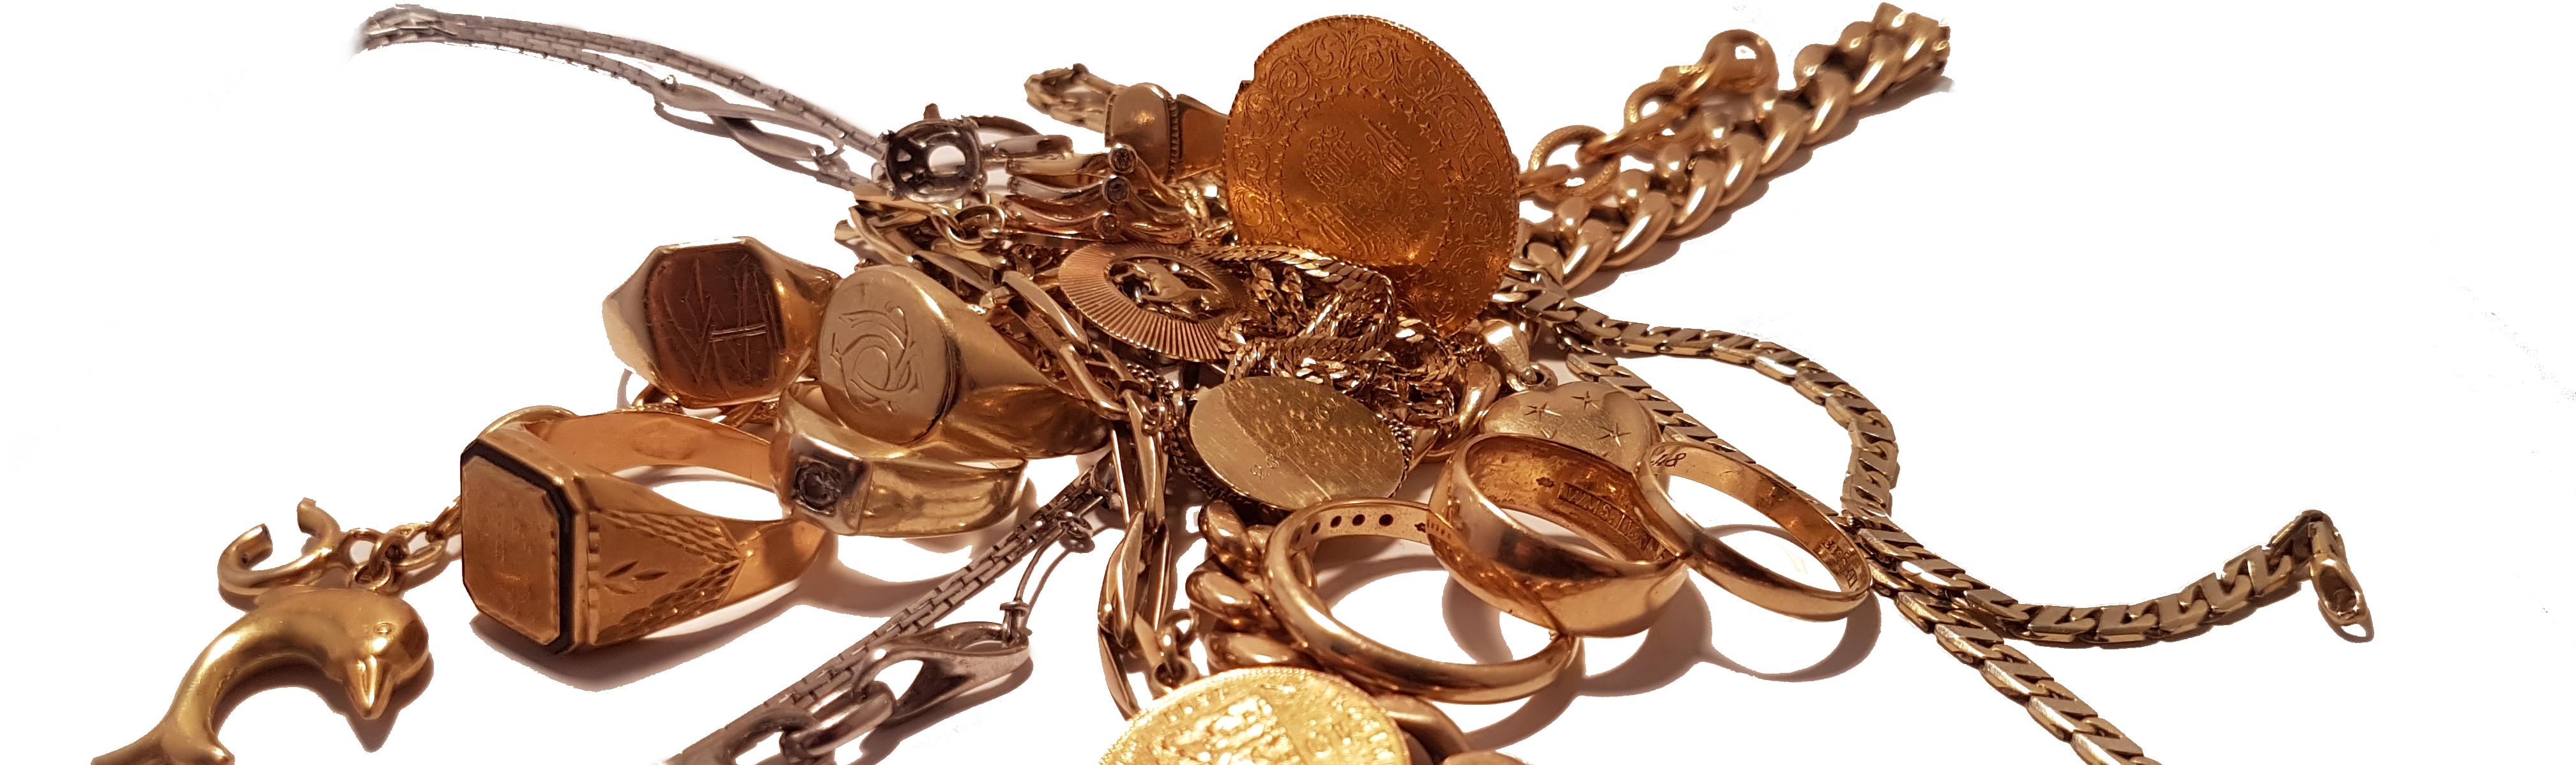 oud goud verkopen gouden ring verkopen inkoop goud